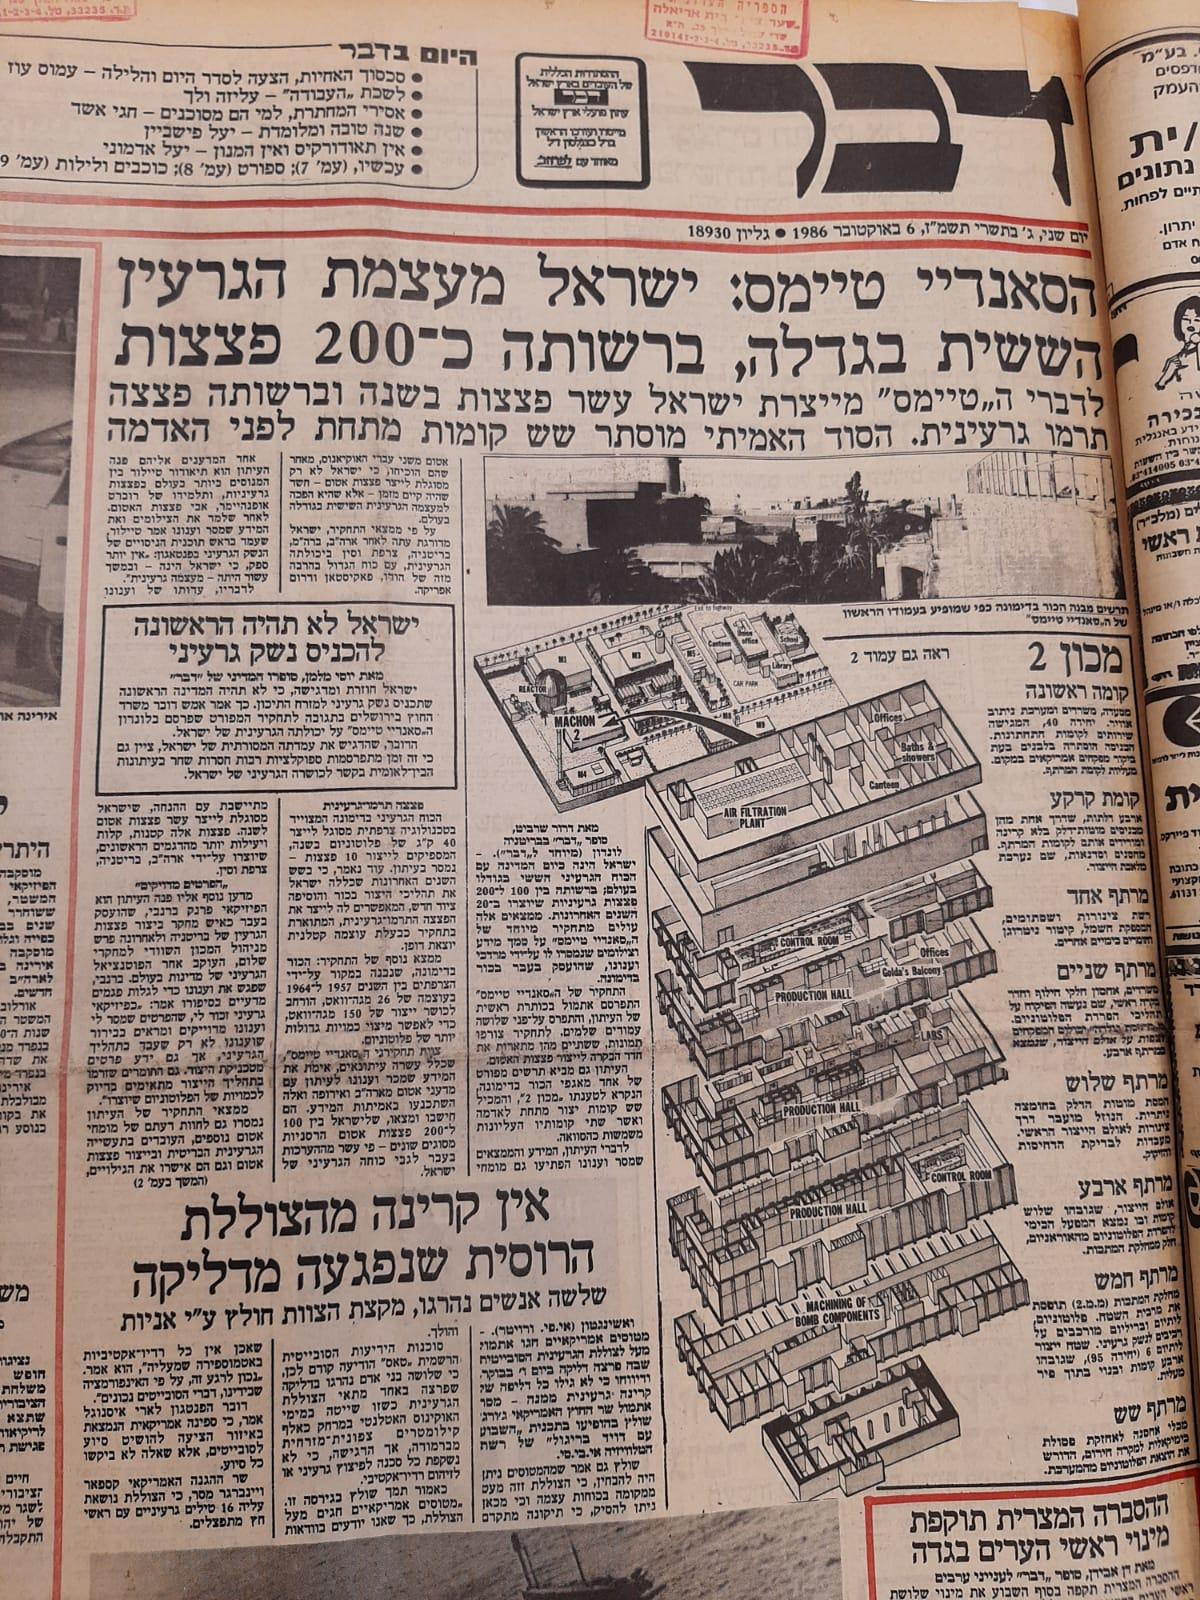 הכתבה בדבר על החשיפה של הסאנדיי טיימס של מרדכי ואנונו